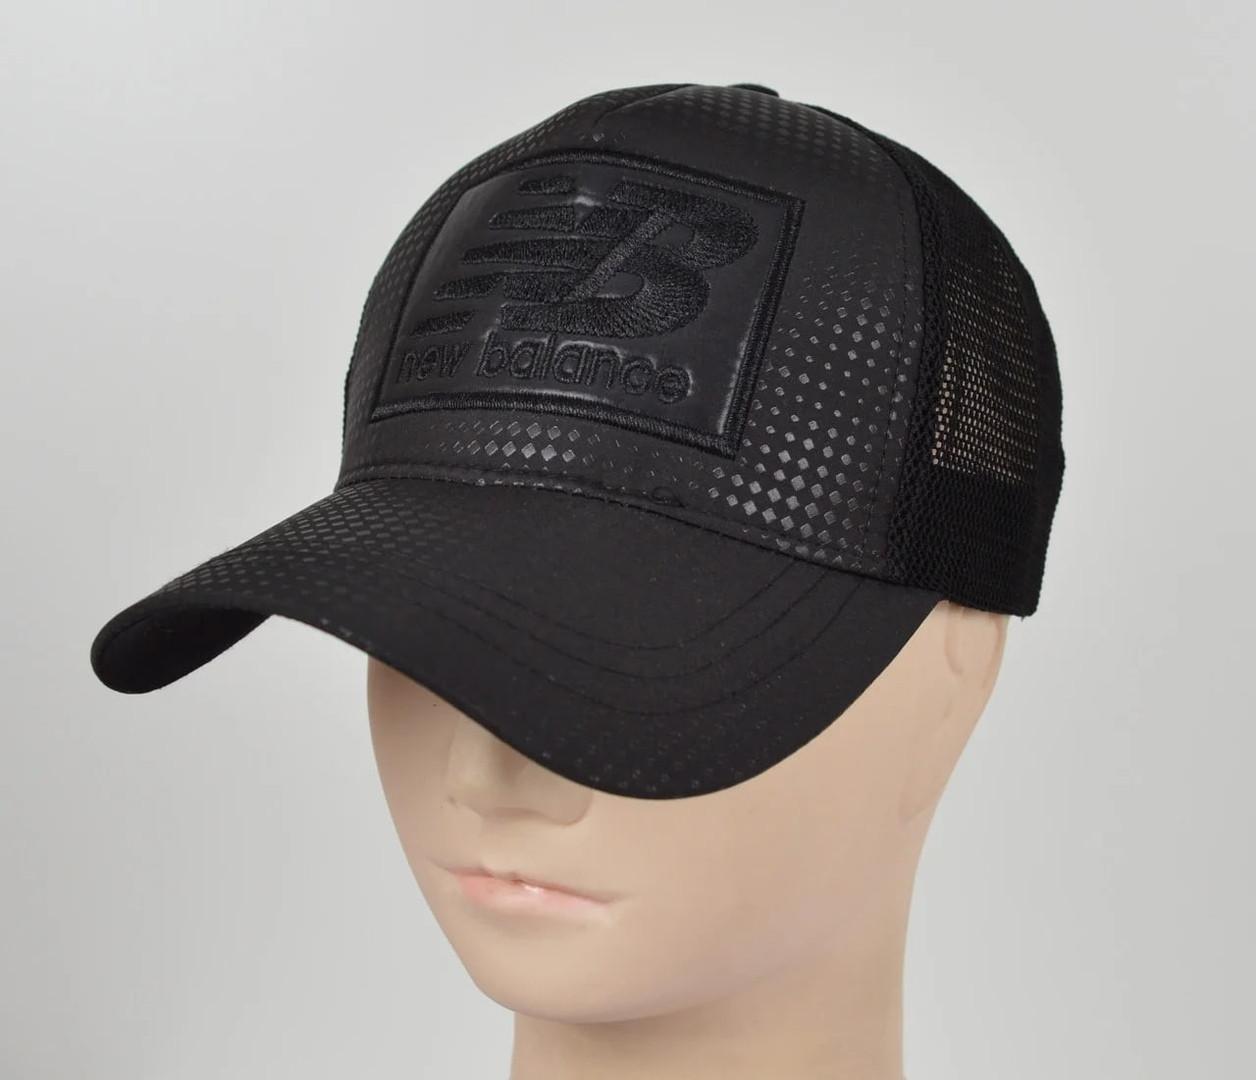 Бейсболка вышивка сетка NB ( реплика) черный размер  56-58 см